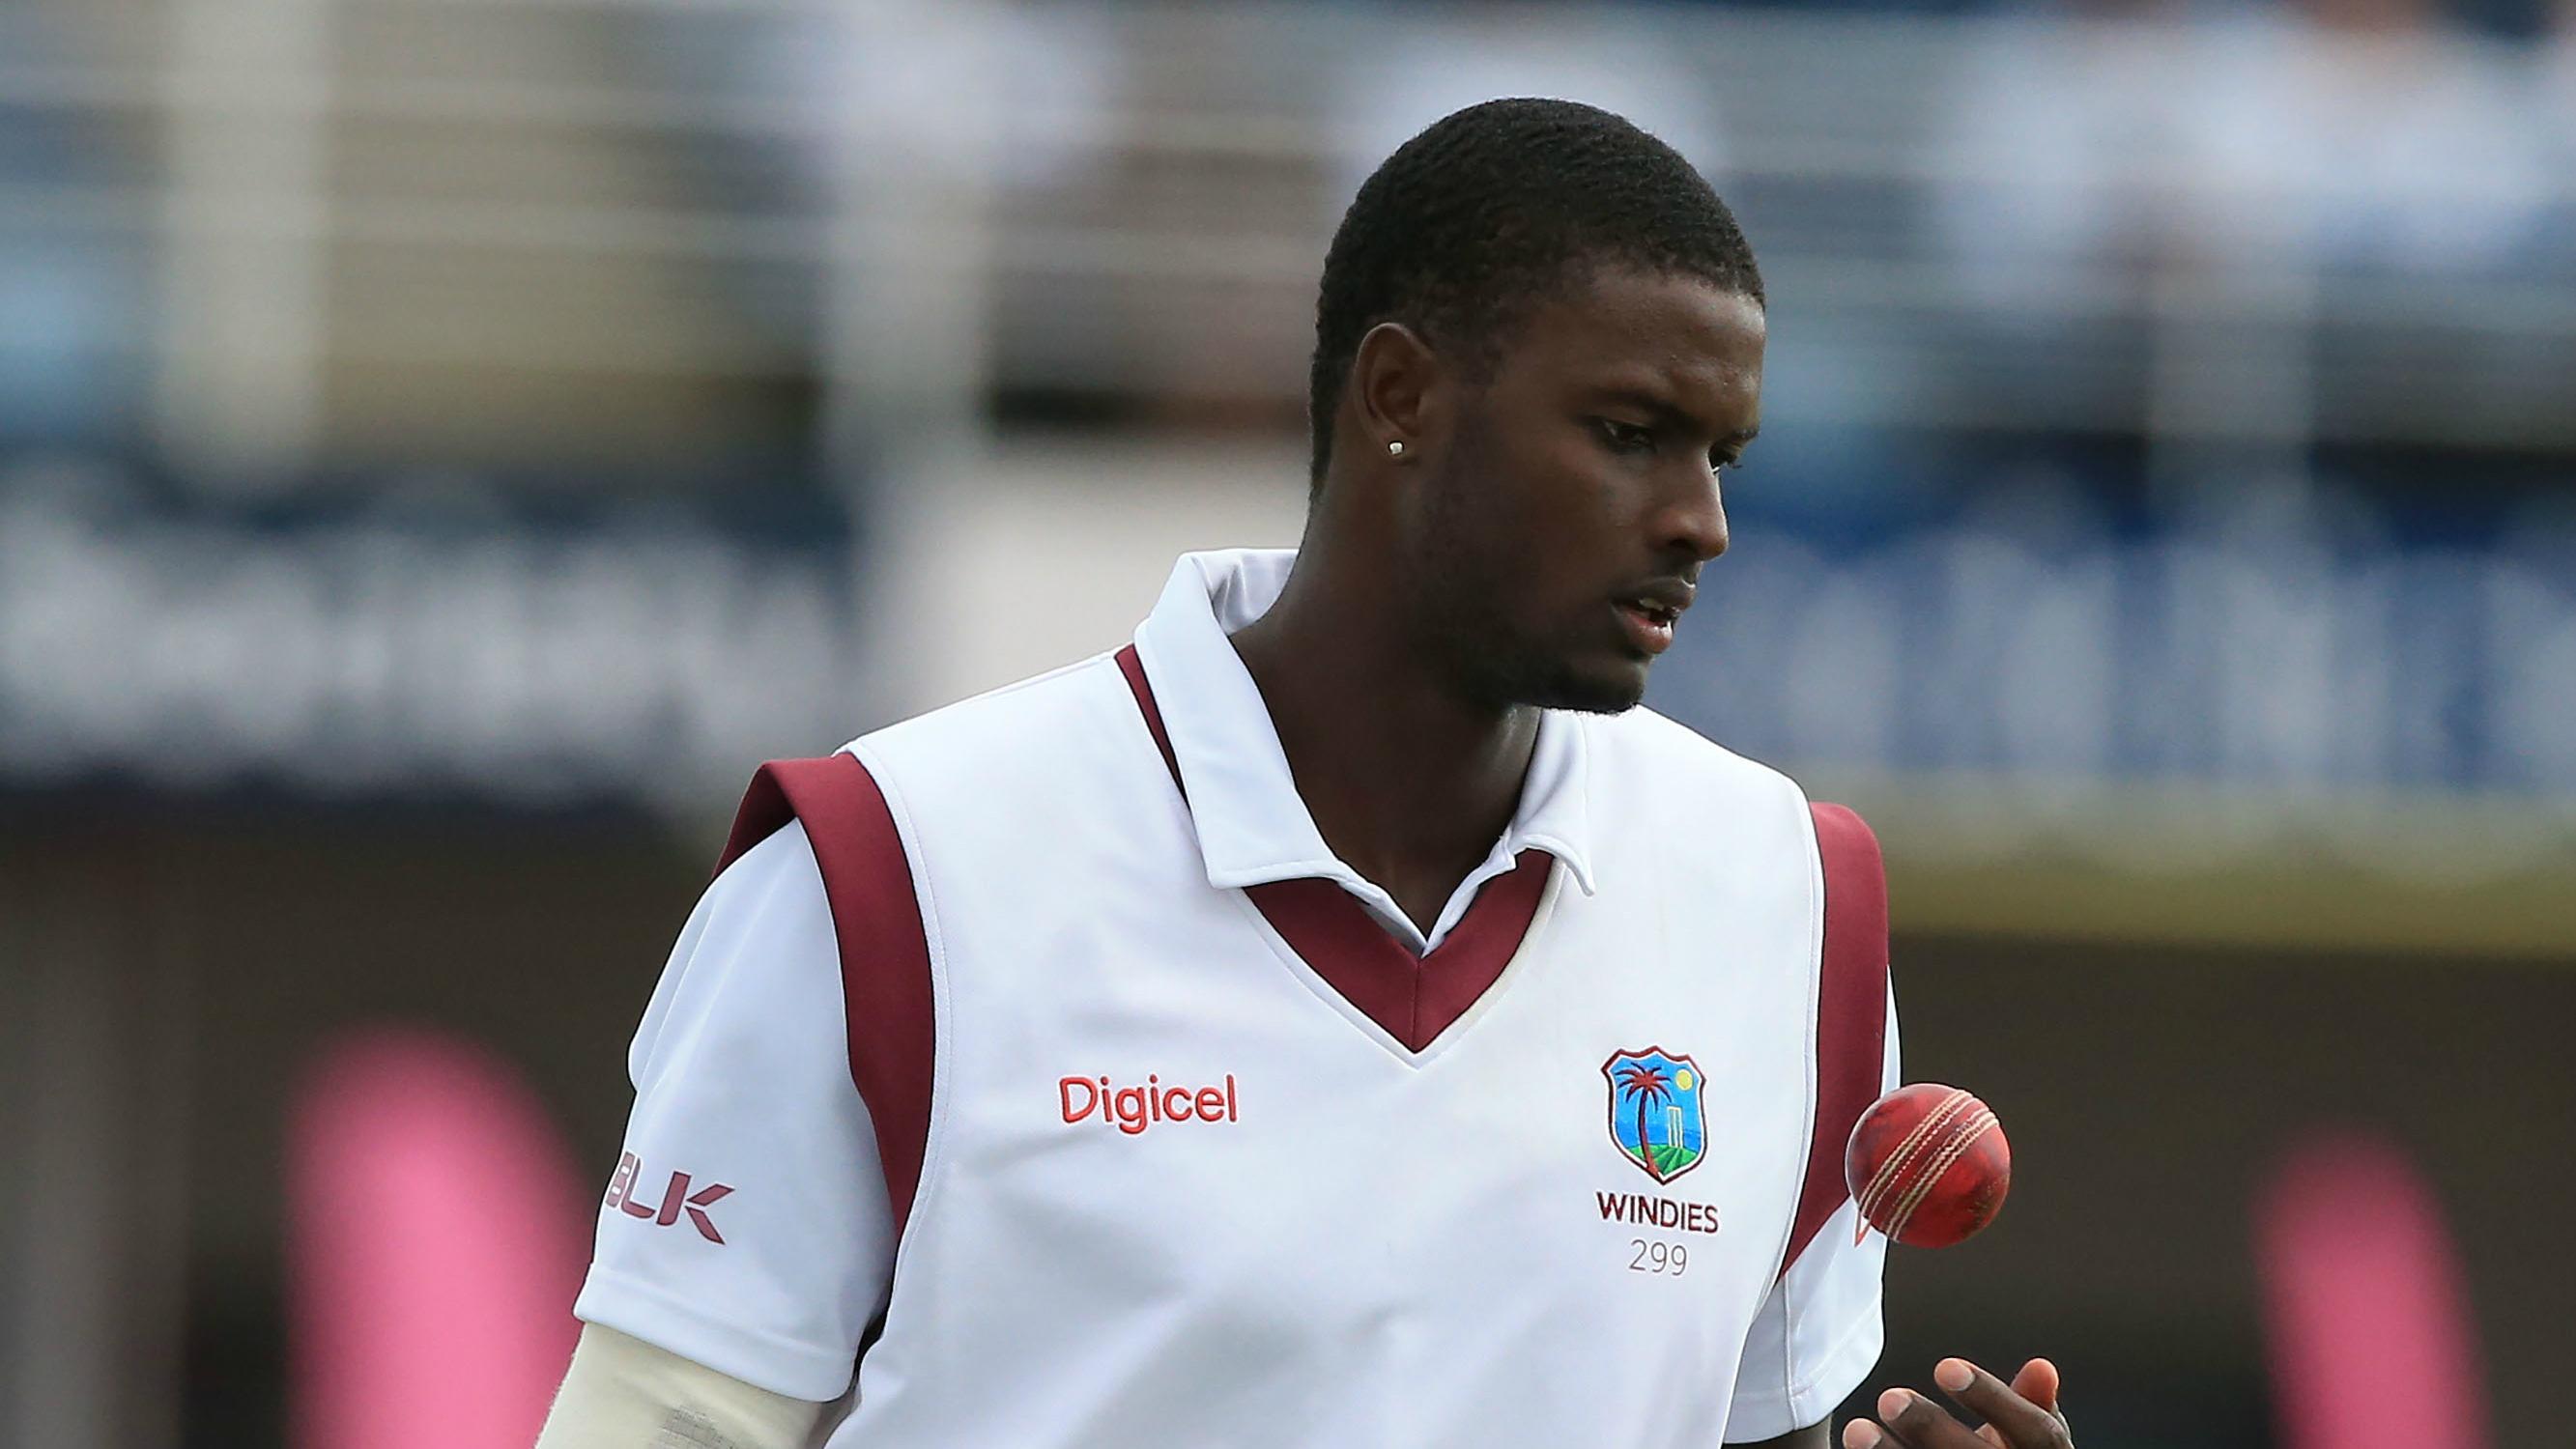 वेस्टइंडीज के कप्तान जेसन होल्डर ने की इंग्लैंड के खिलाफ मैच में शर्मनाक हरकत, लग सकता है 1 टेस्ट का प्रतिबन्ध 3